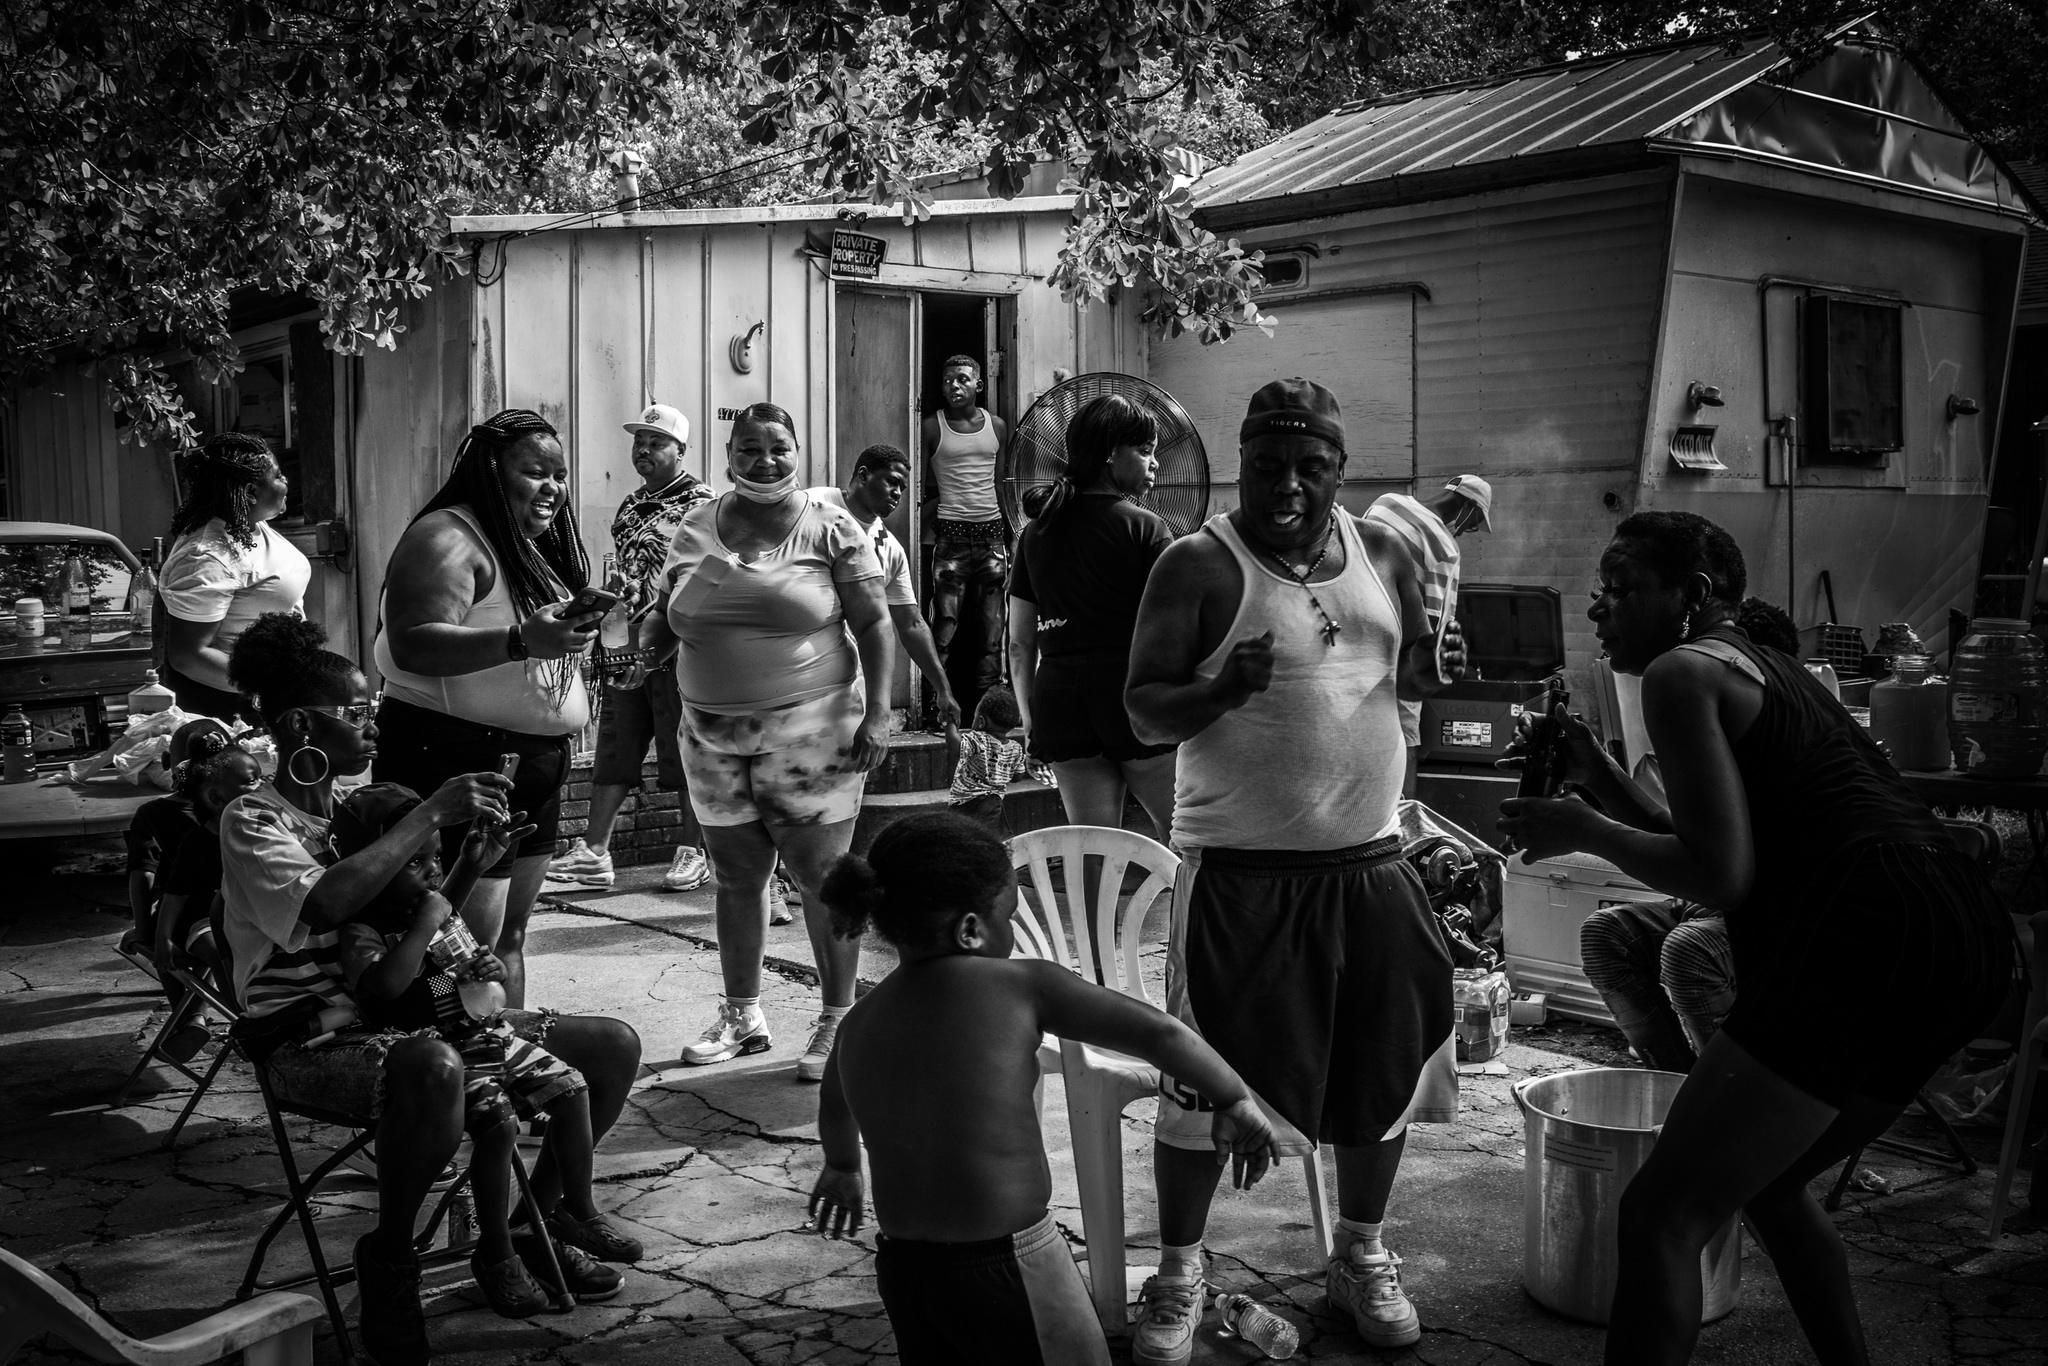 Zion City, Baton Rouge, Louisiana. July 2020.